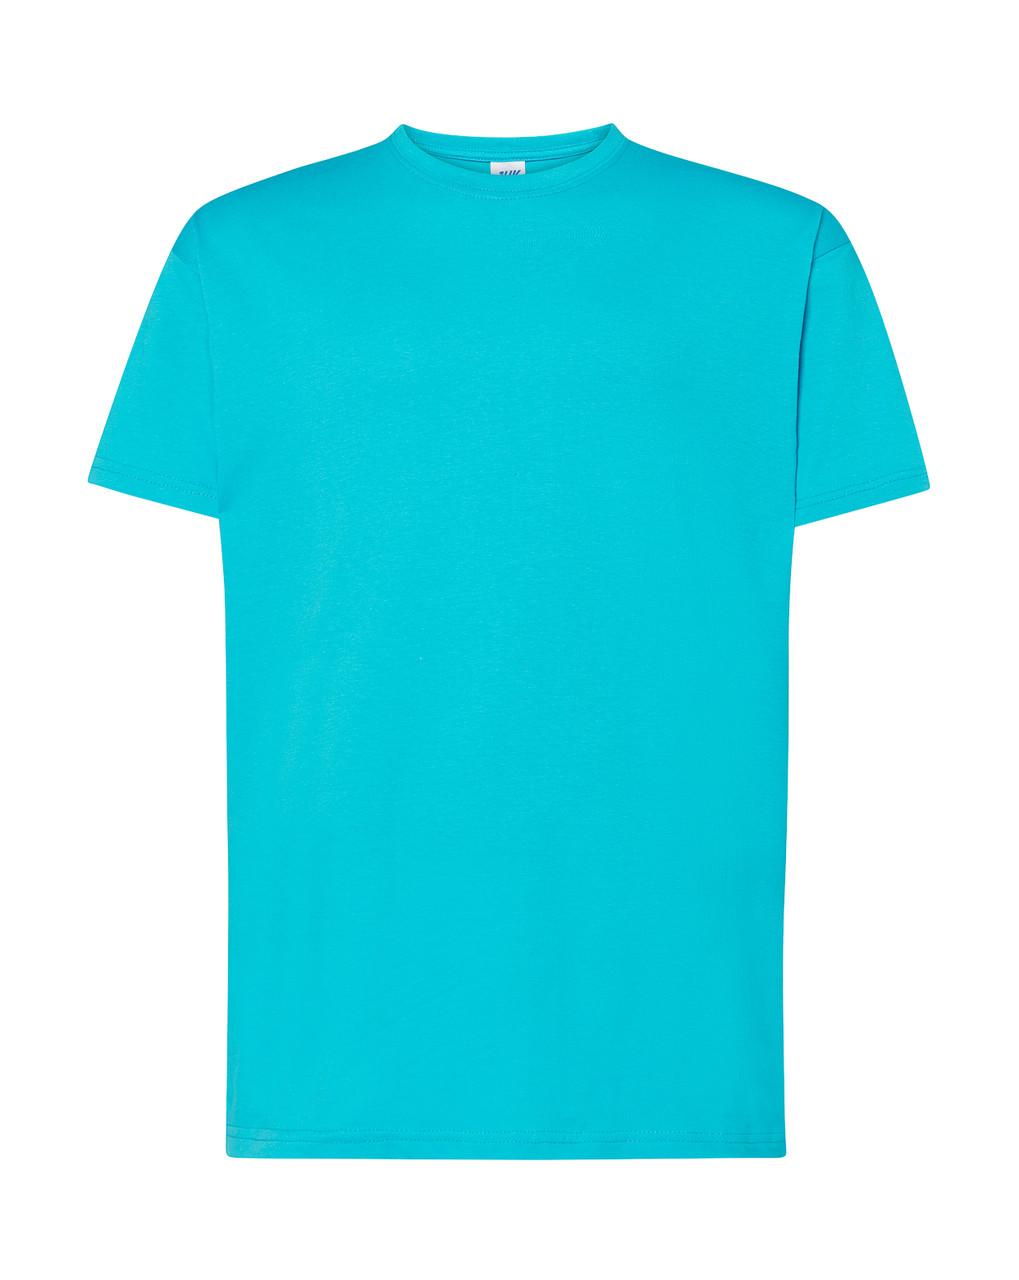 Мужская футболка JHK REGULAR T-SHIRT цвет бирюзовый (TU)